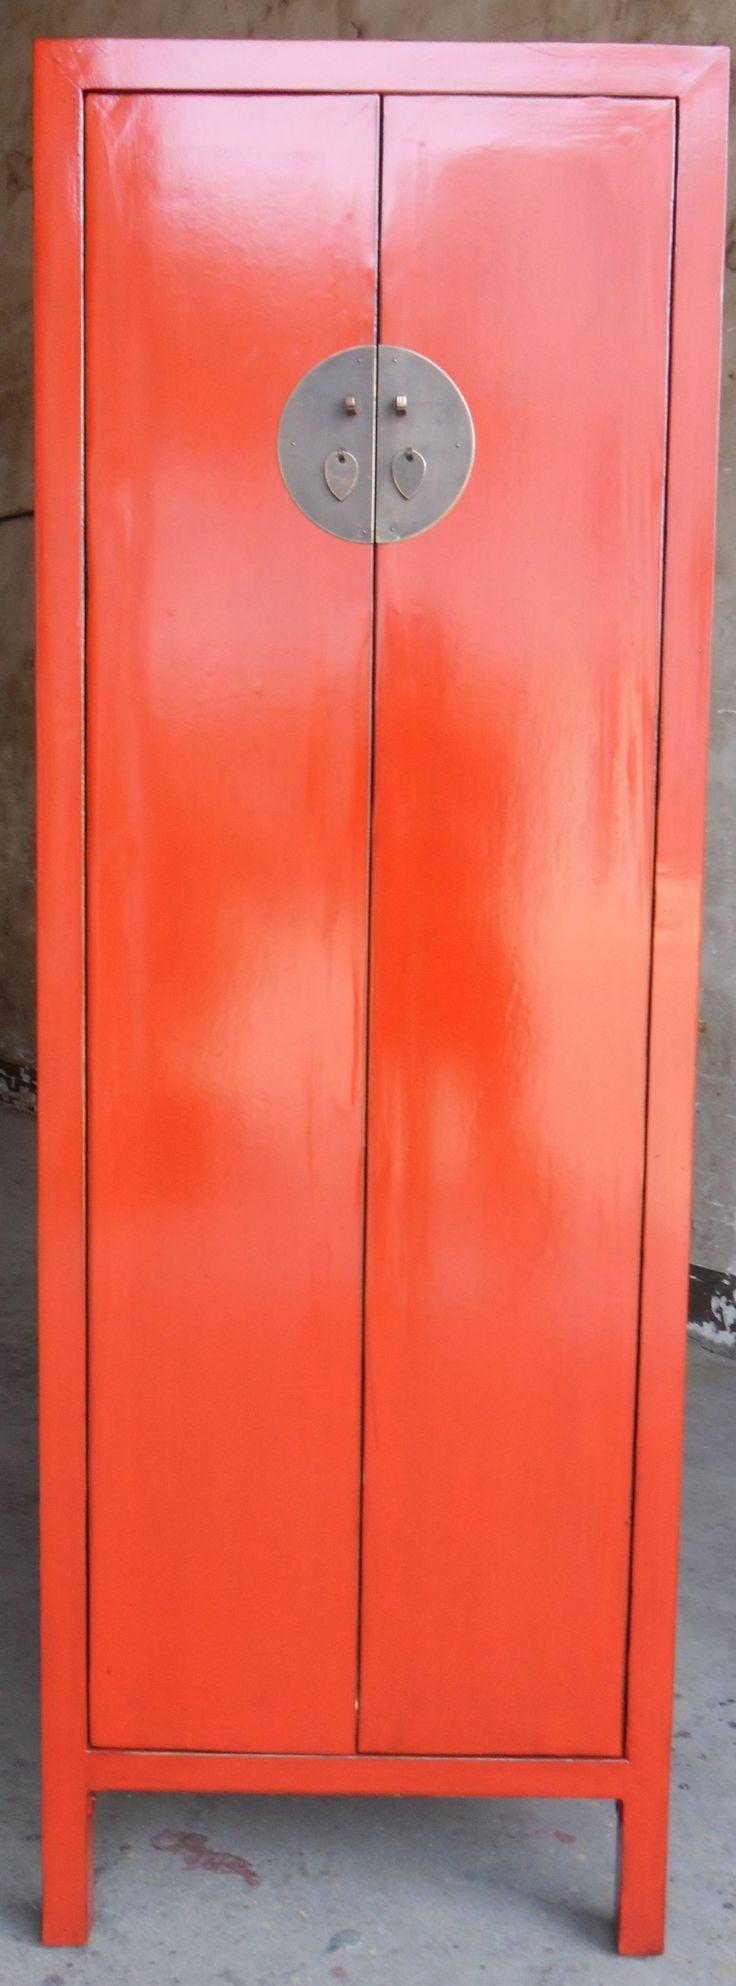 RED WEDDING CABINET: 2 DOORS